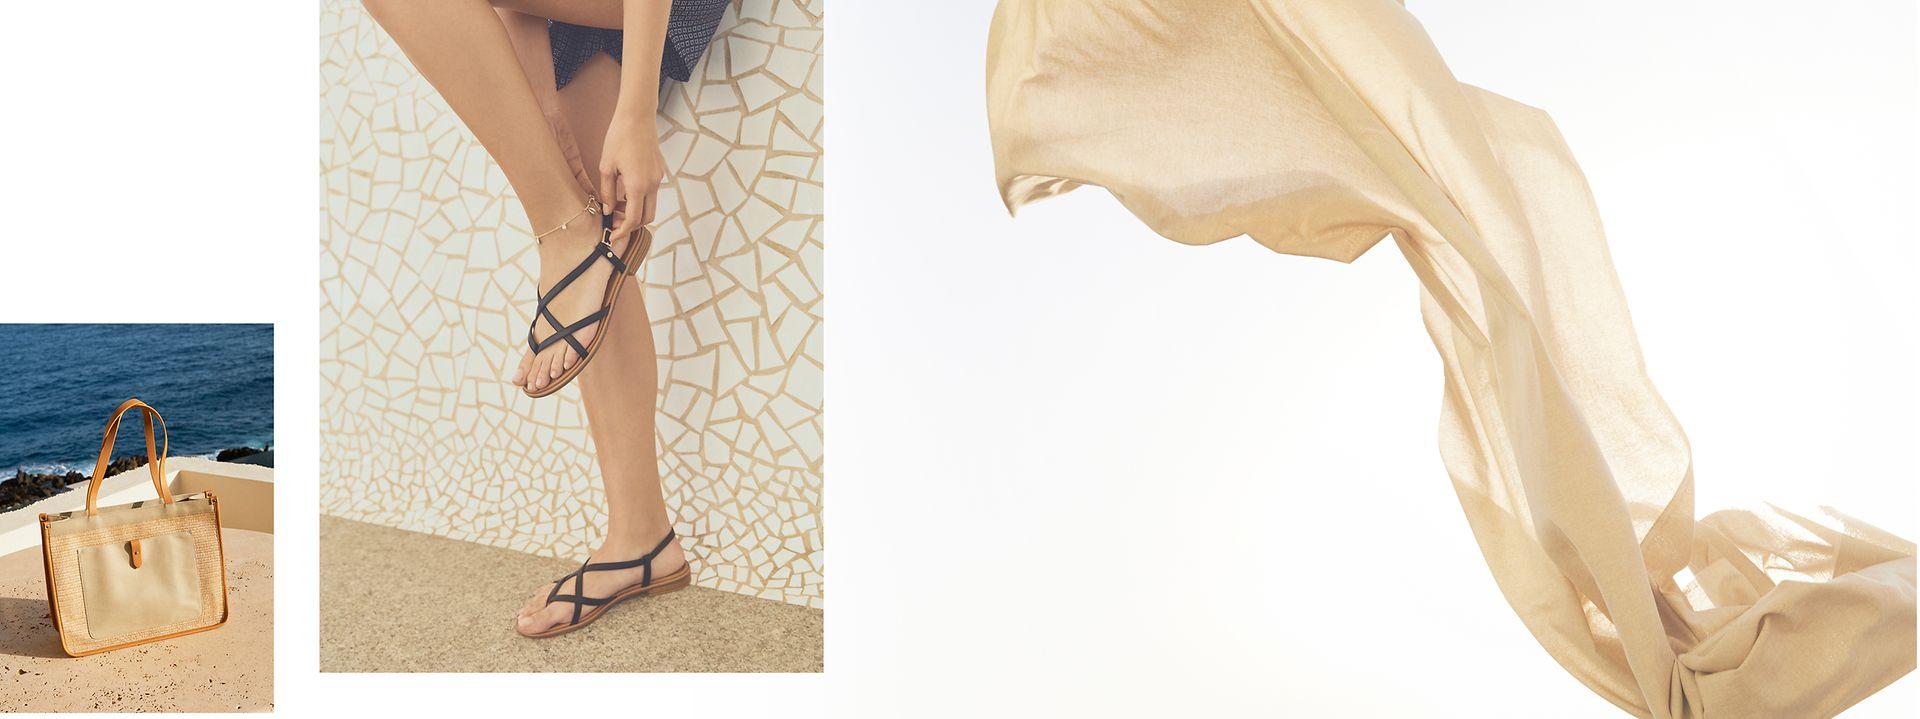 232021 - mujer - página de inicio- banner principal - accesorios - calzado - IMG